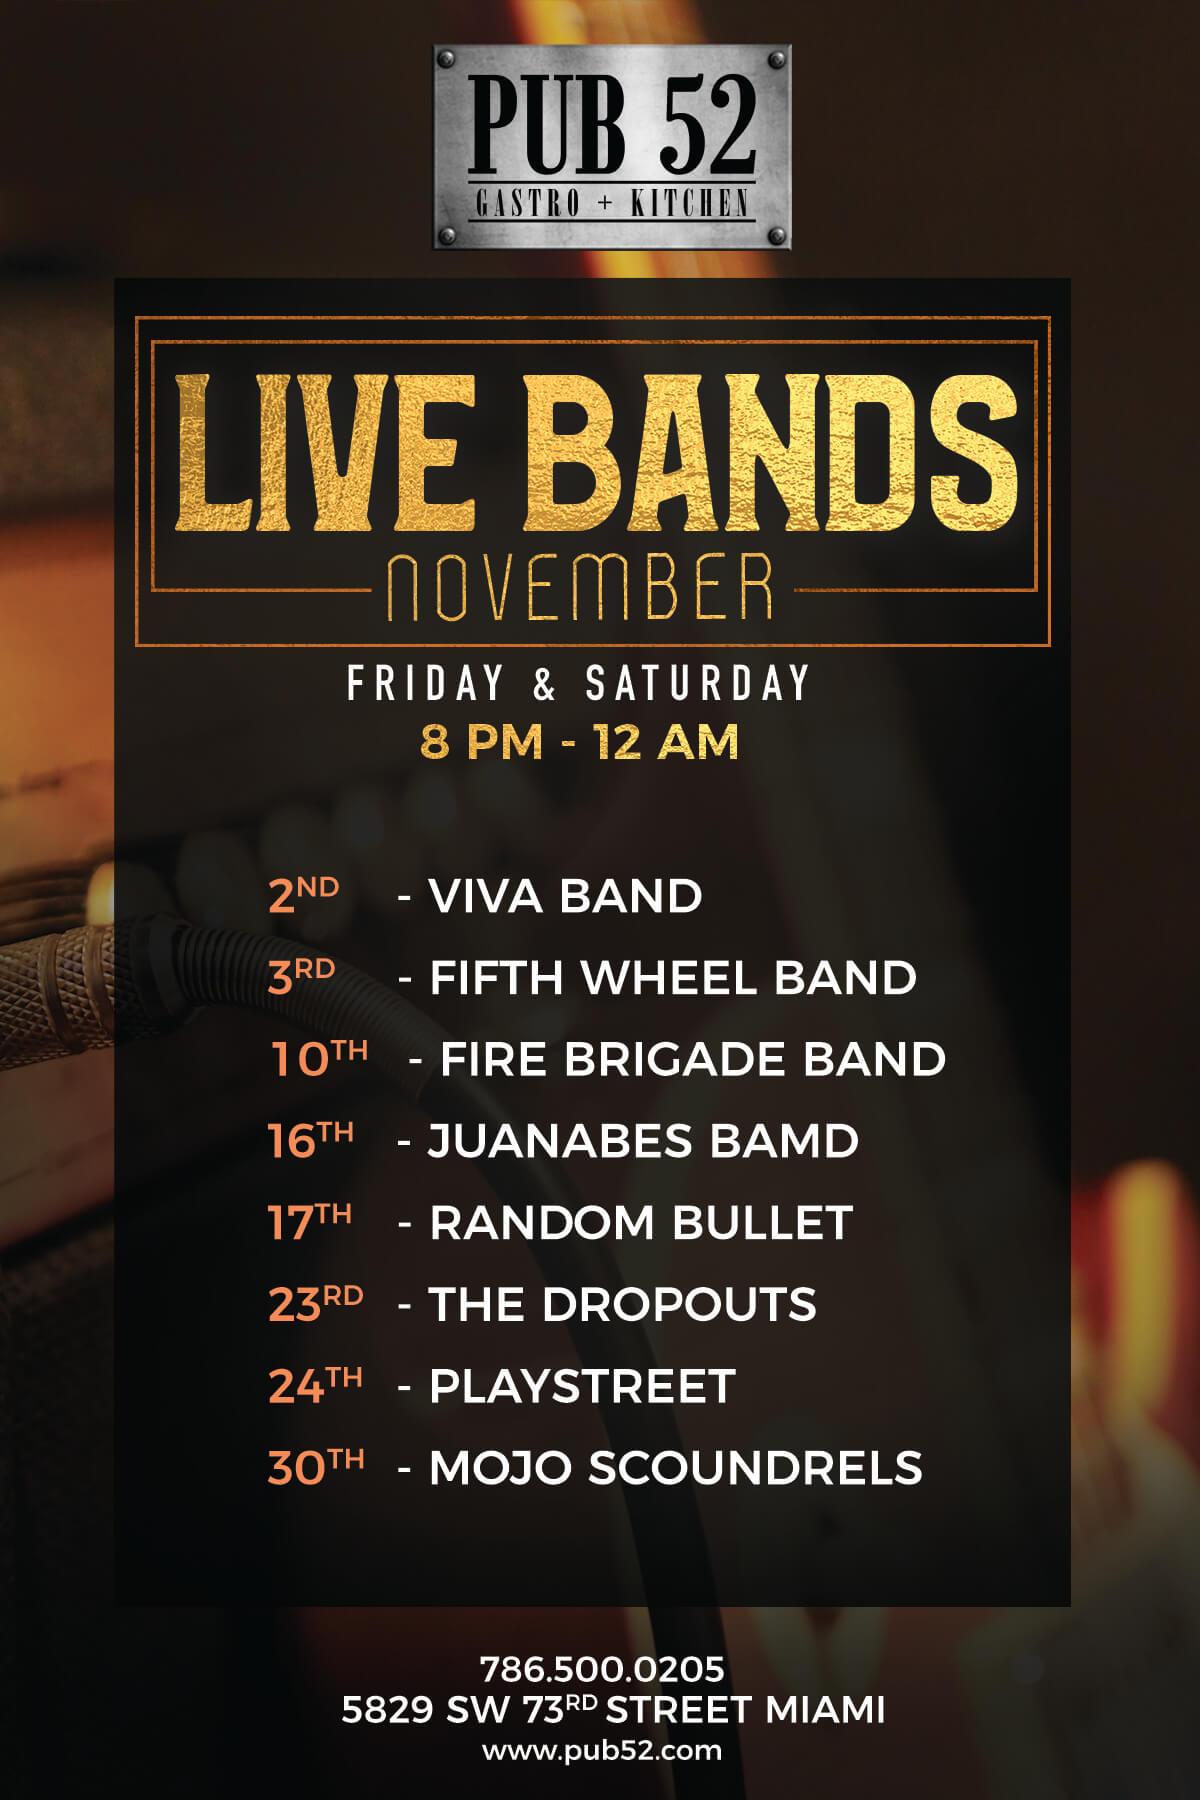 Band Lineup November 4x6 2 (1)